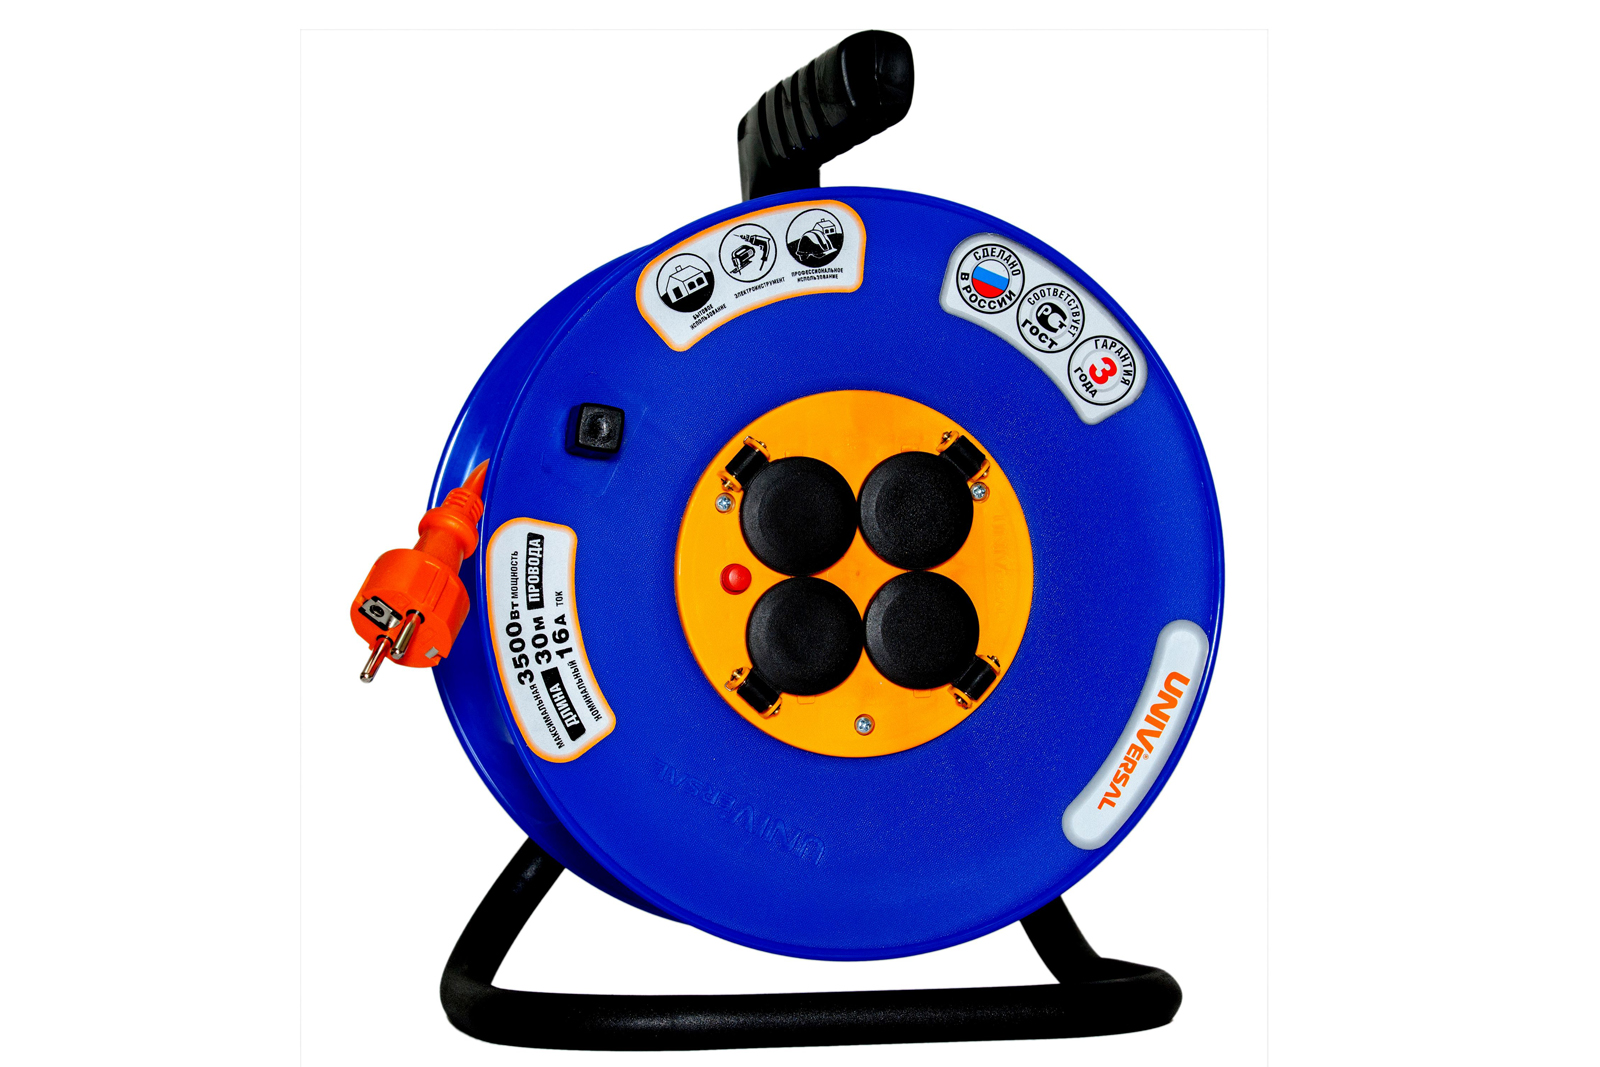 Удлинитель Universal ВЕМ-250 ip-44 термо ПВС 3*1,5 4гнезда 40м силовой удлинитель universal вем 250 термо пвс 2 1 40м 9632899